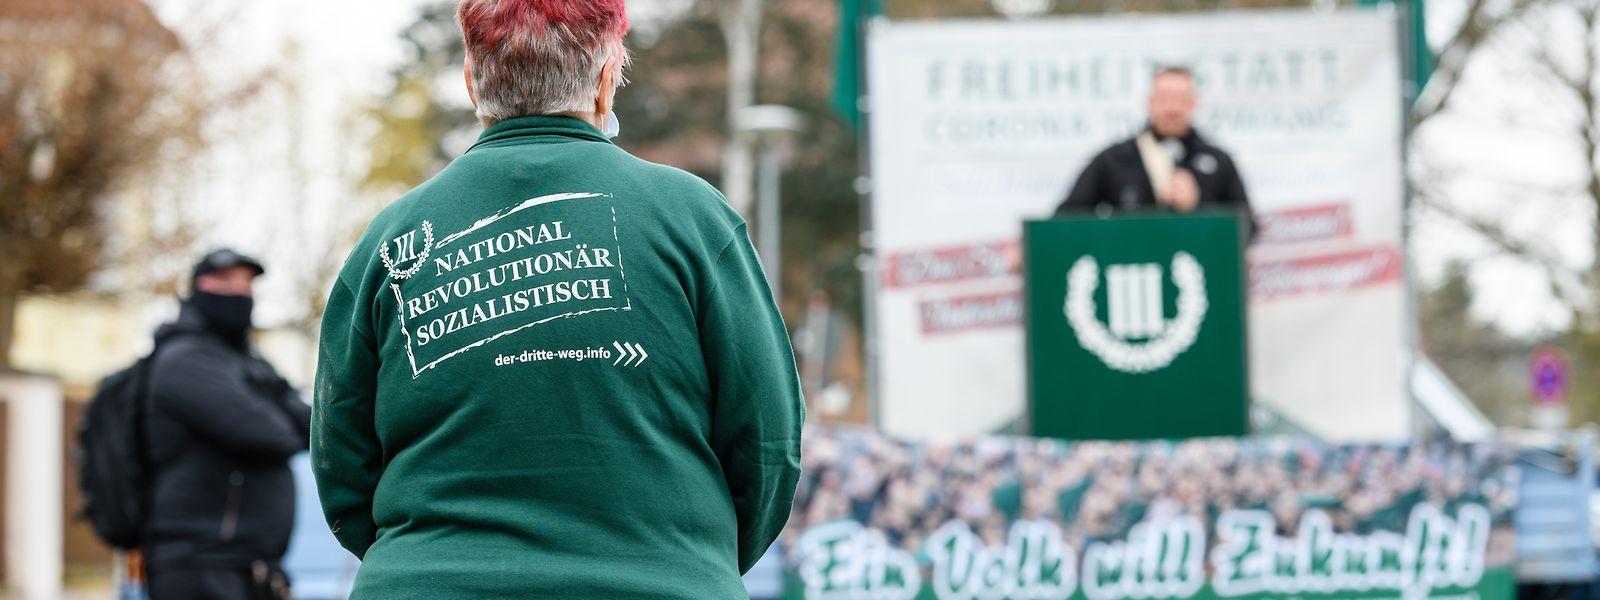 """""""Der III. Weg"""" ist eine vom deutschen Verfassungsschutz beobachtete rechtsextreme Kleinpartei."""